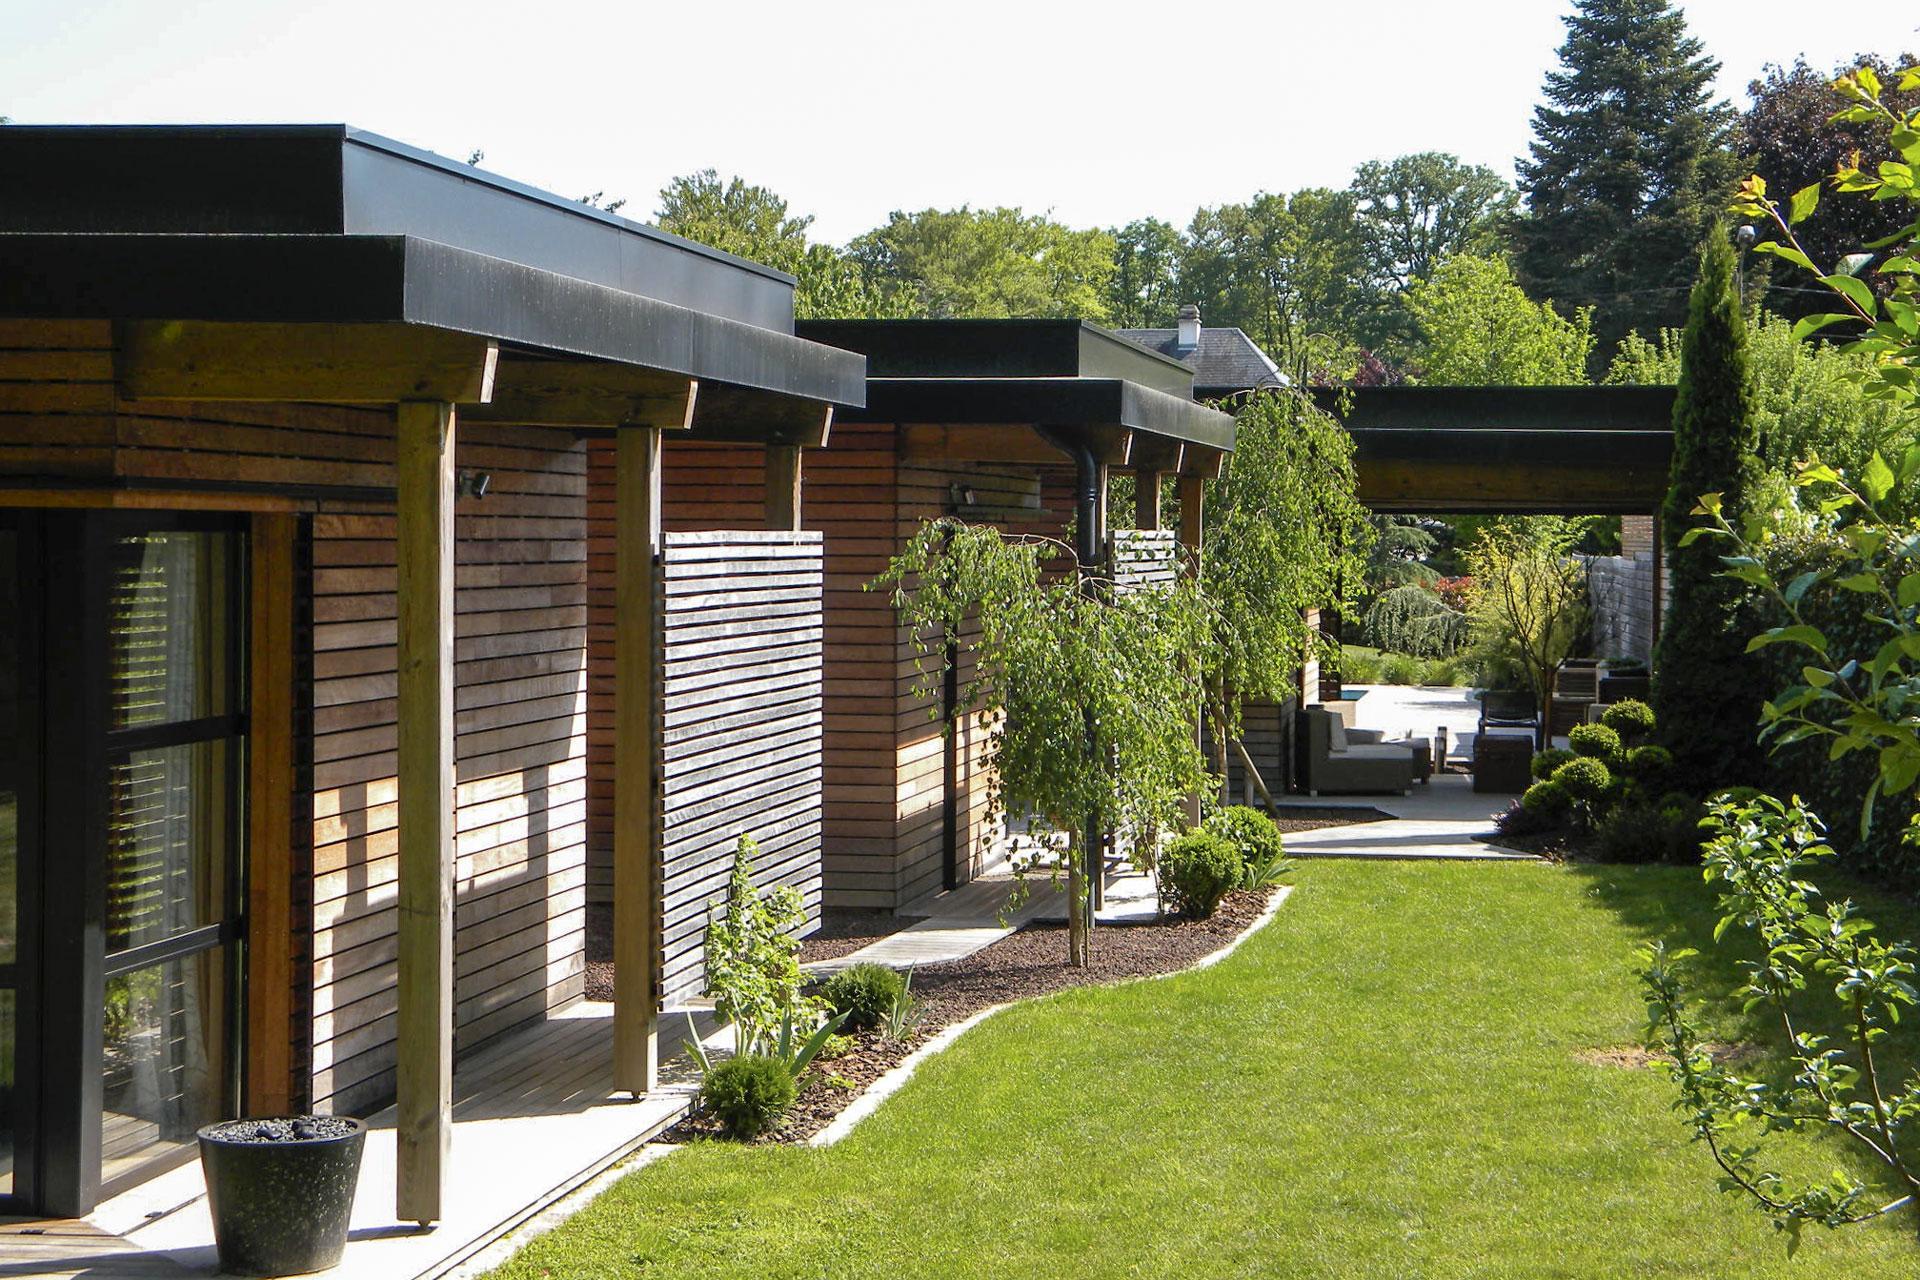 maison contemporaine en ossature bois type bbc 06 01. Black Bedroom Furniture Sets. Home Design Ideas